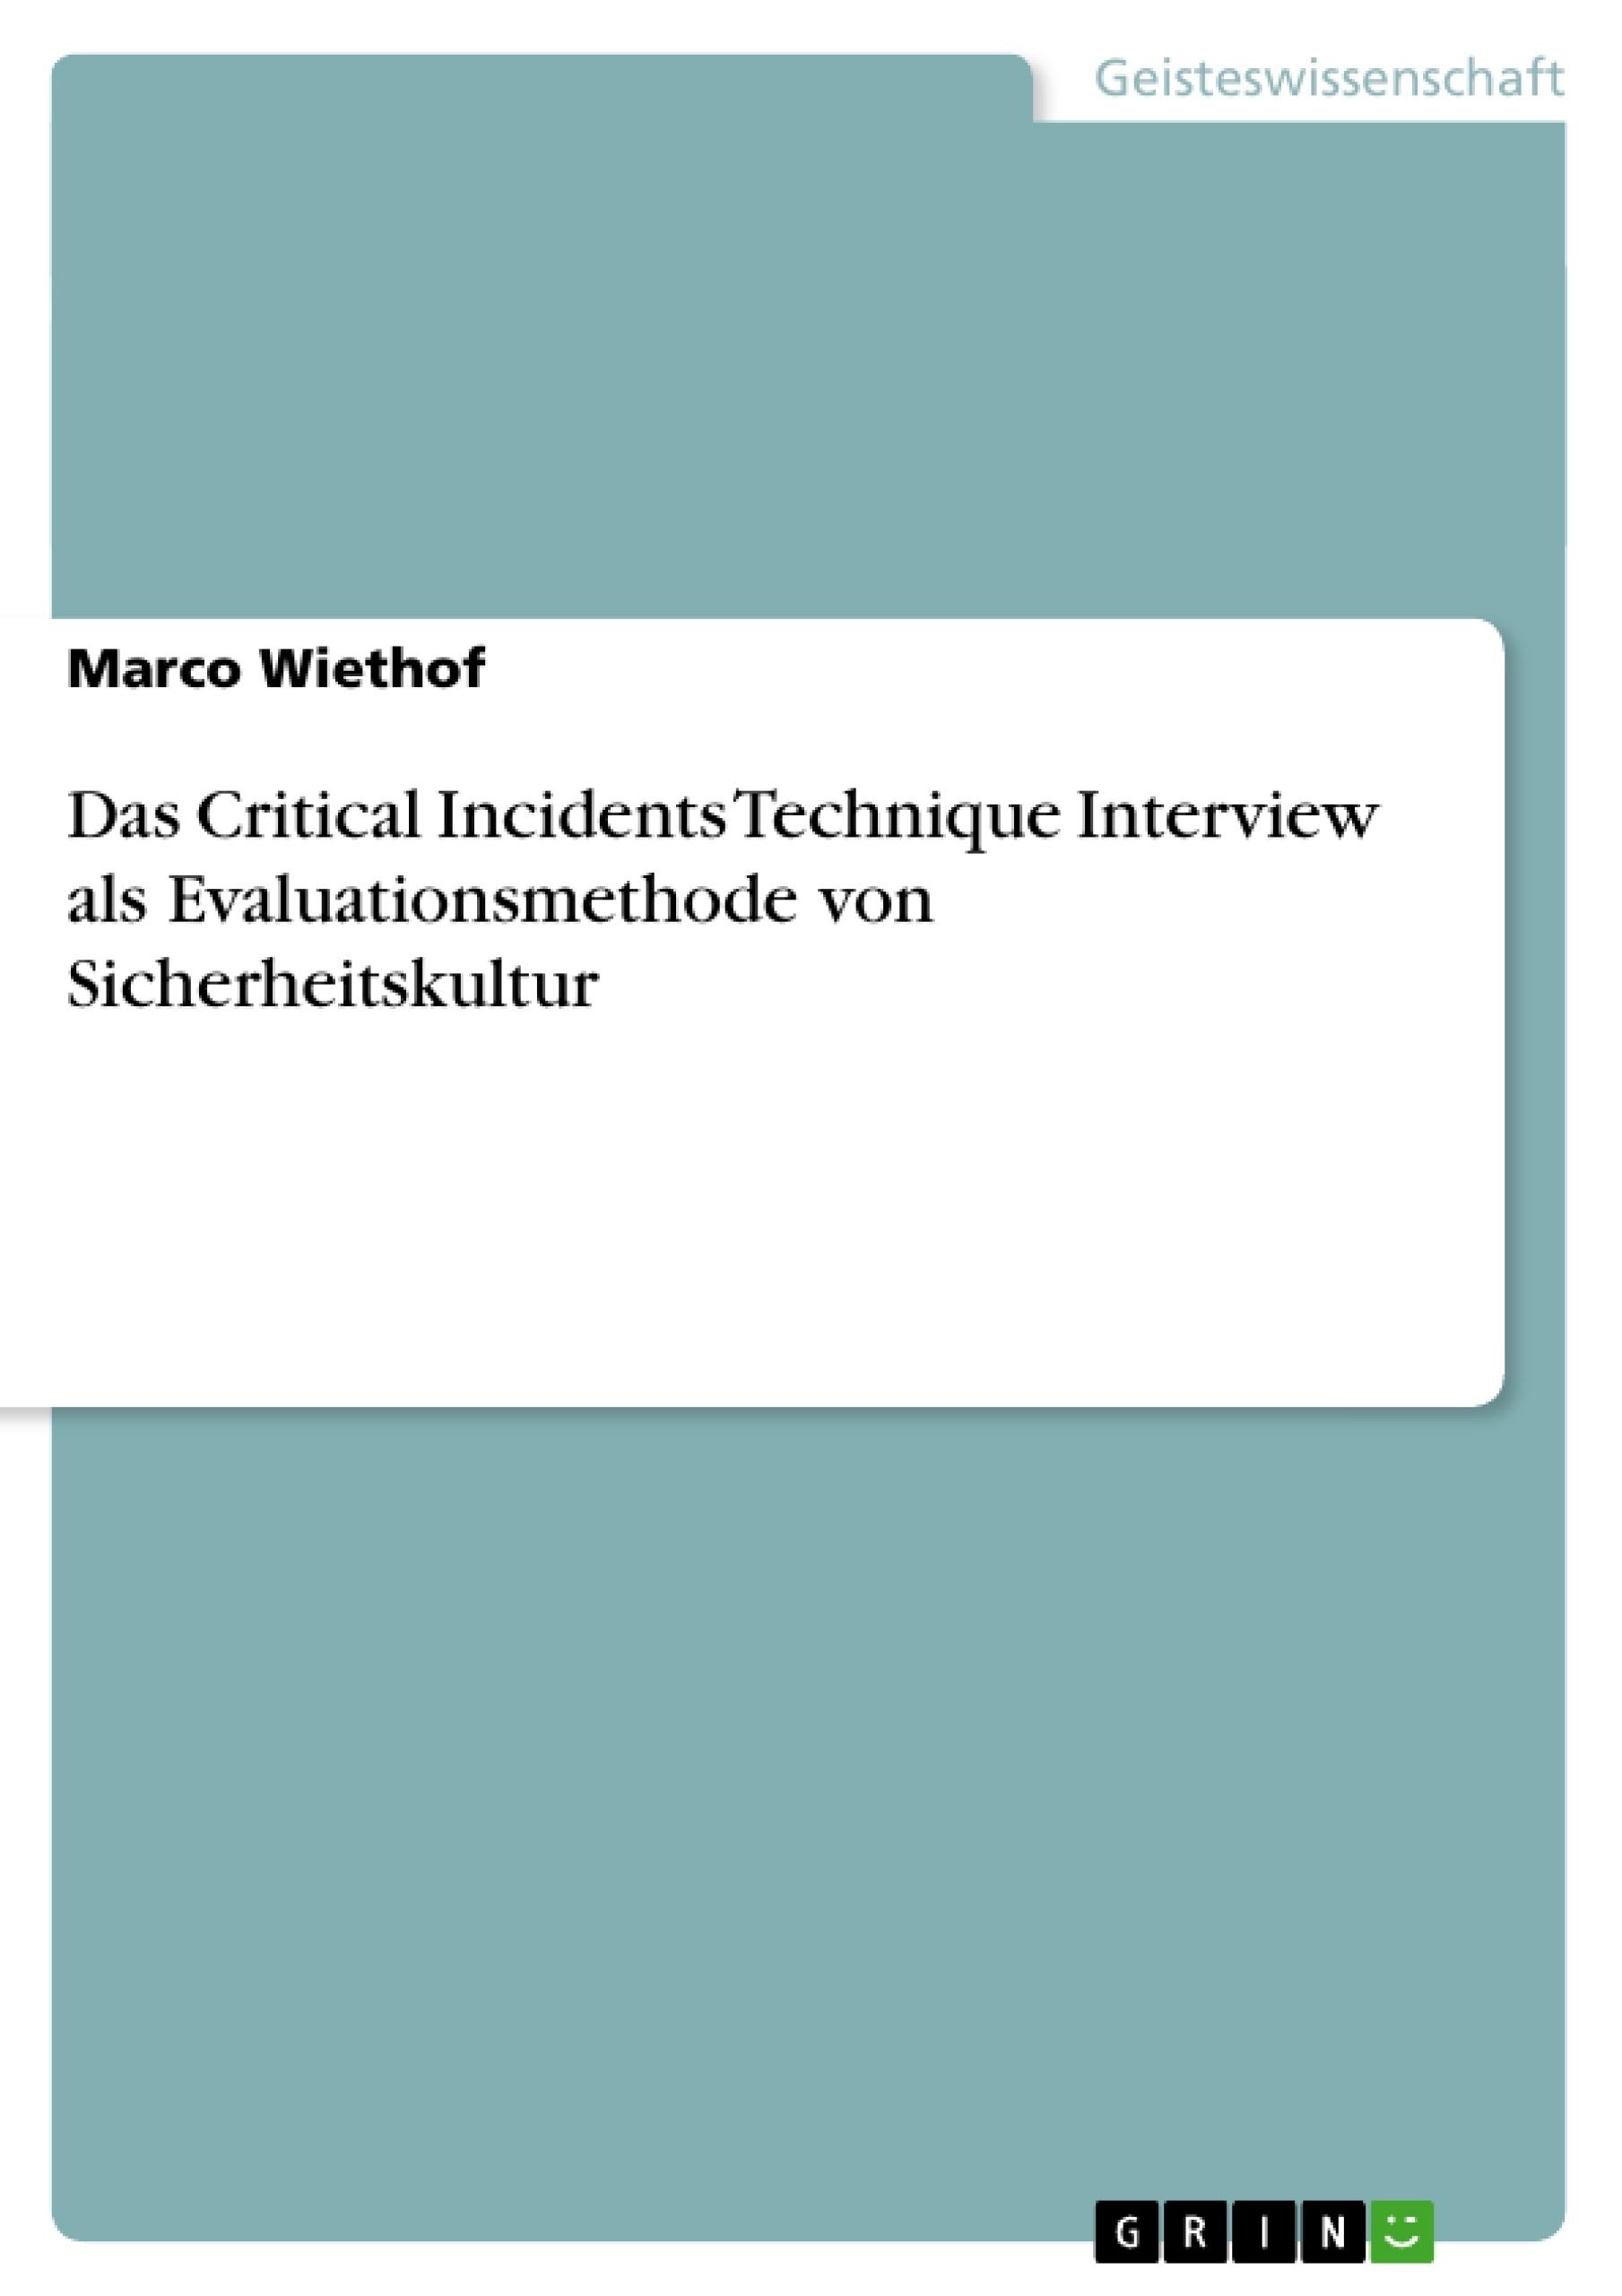 Titel: Das Critical Incidents Technique Interview als Evaluationsmethode von Sicherheitskultur